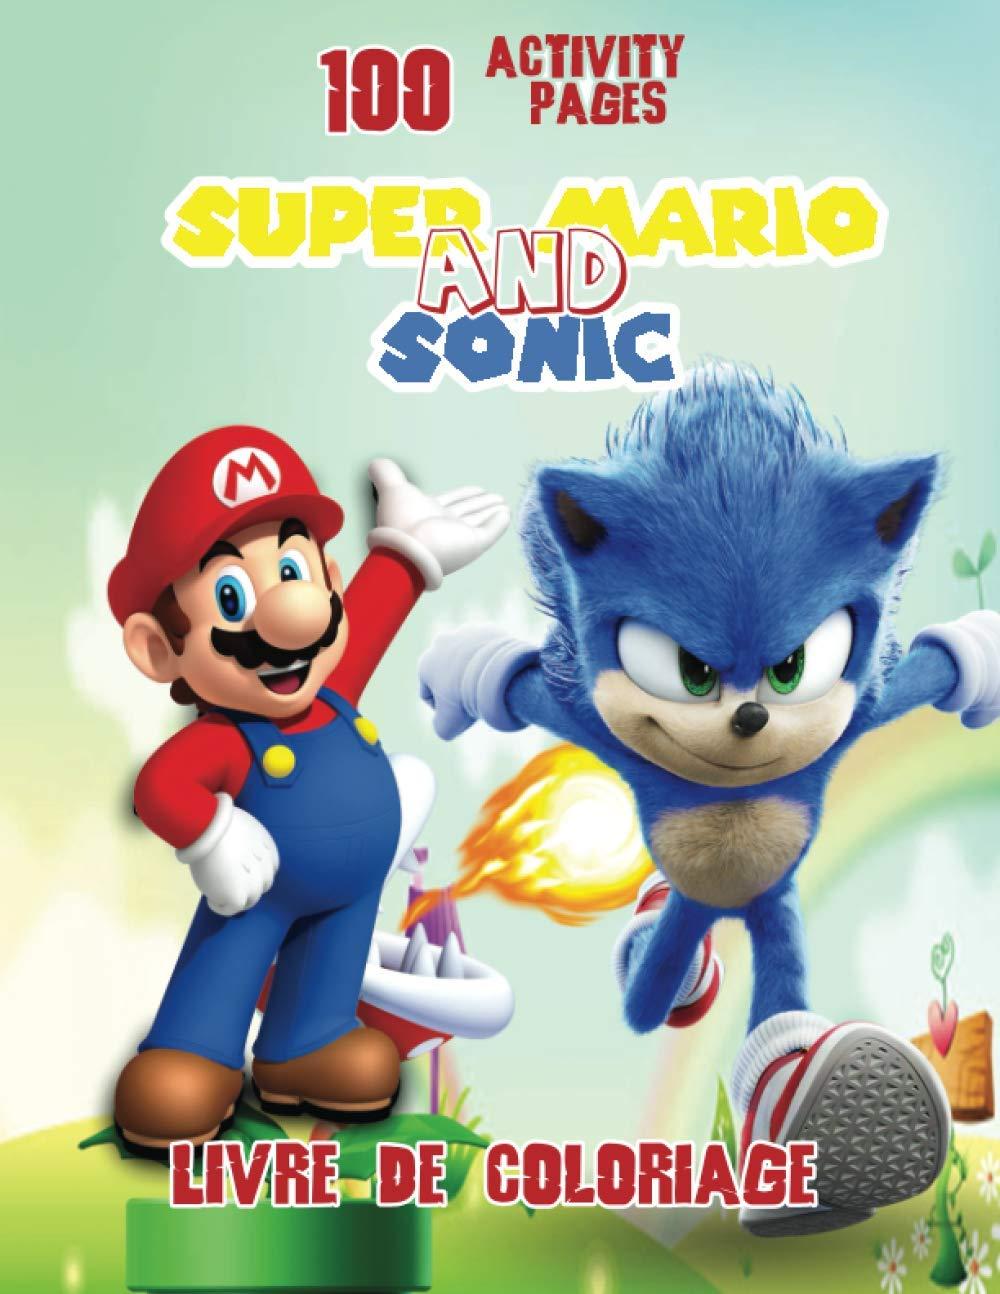 Super Mario And Sonic livre de coloriage 32 Activity pages fr ...